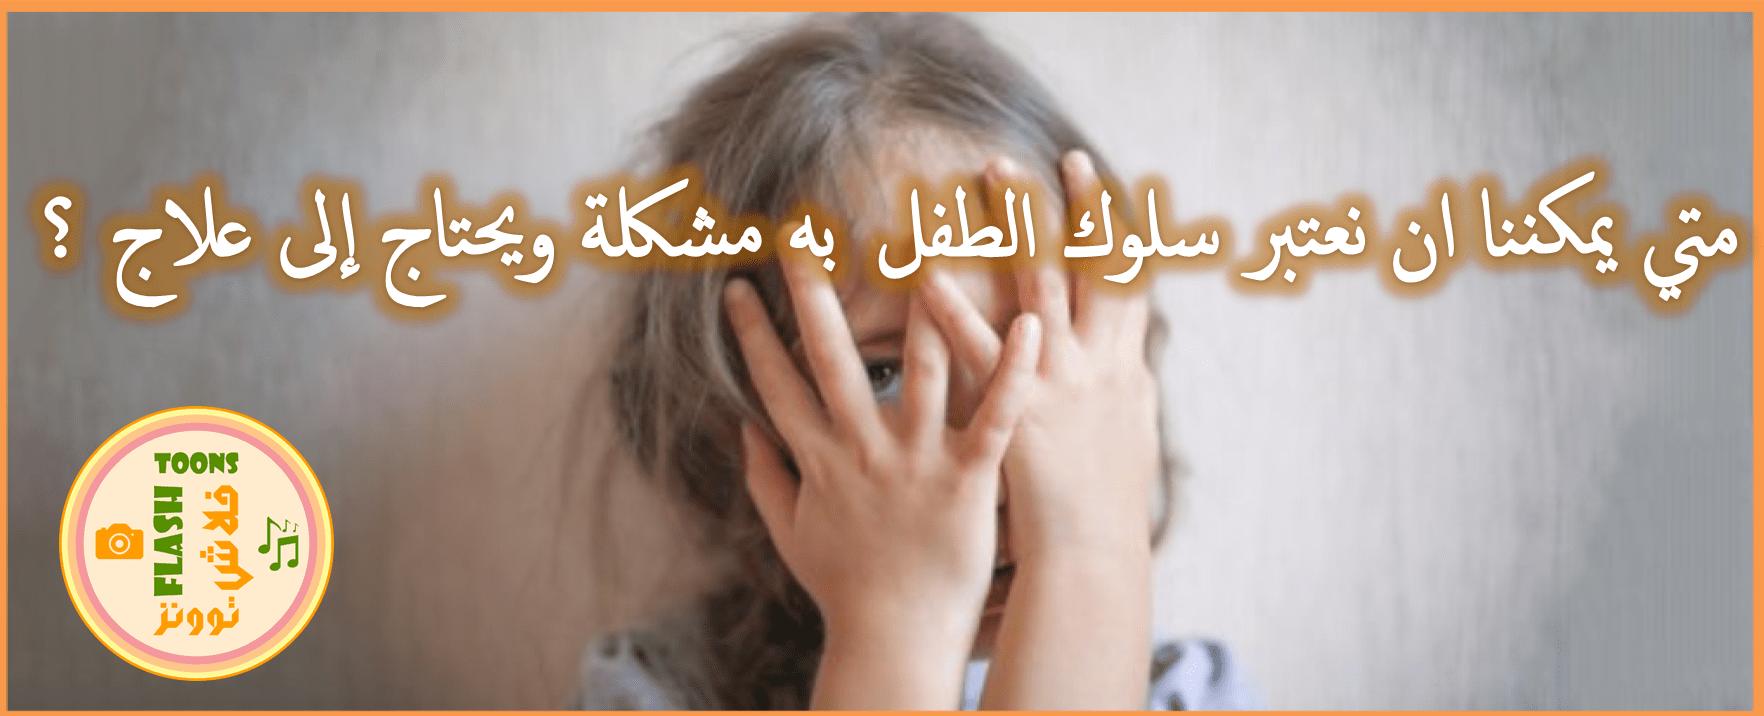 متى يمكننا ان نعتبر سلوك الطفل به مشكلة ويحتاج الى علاج؟